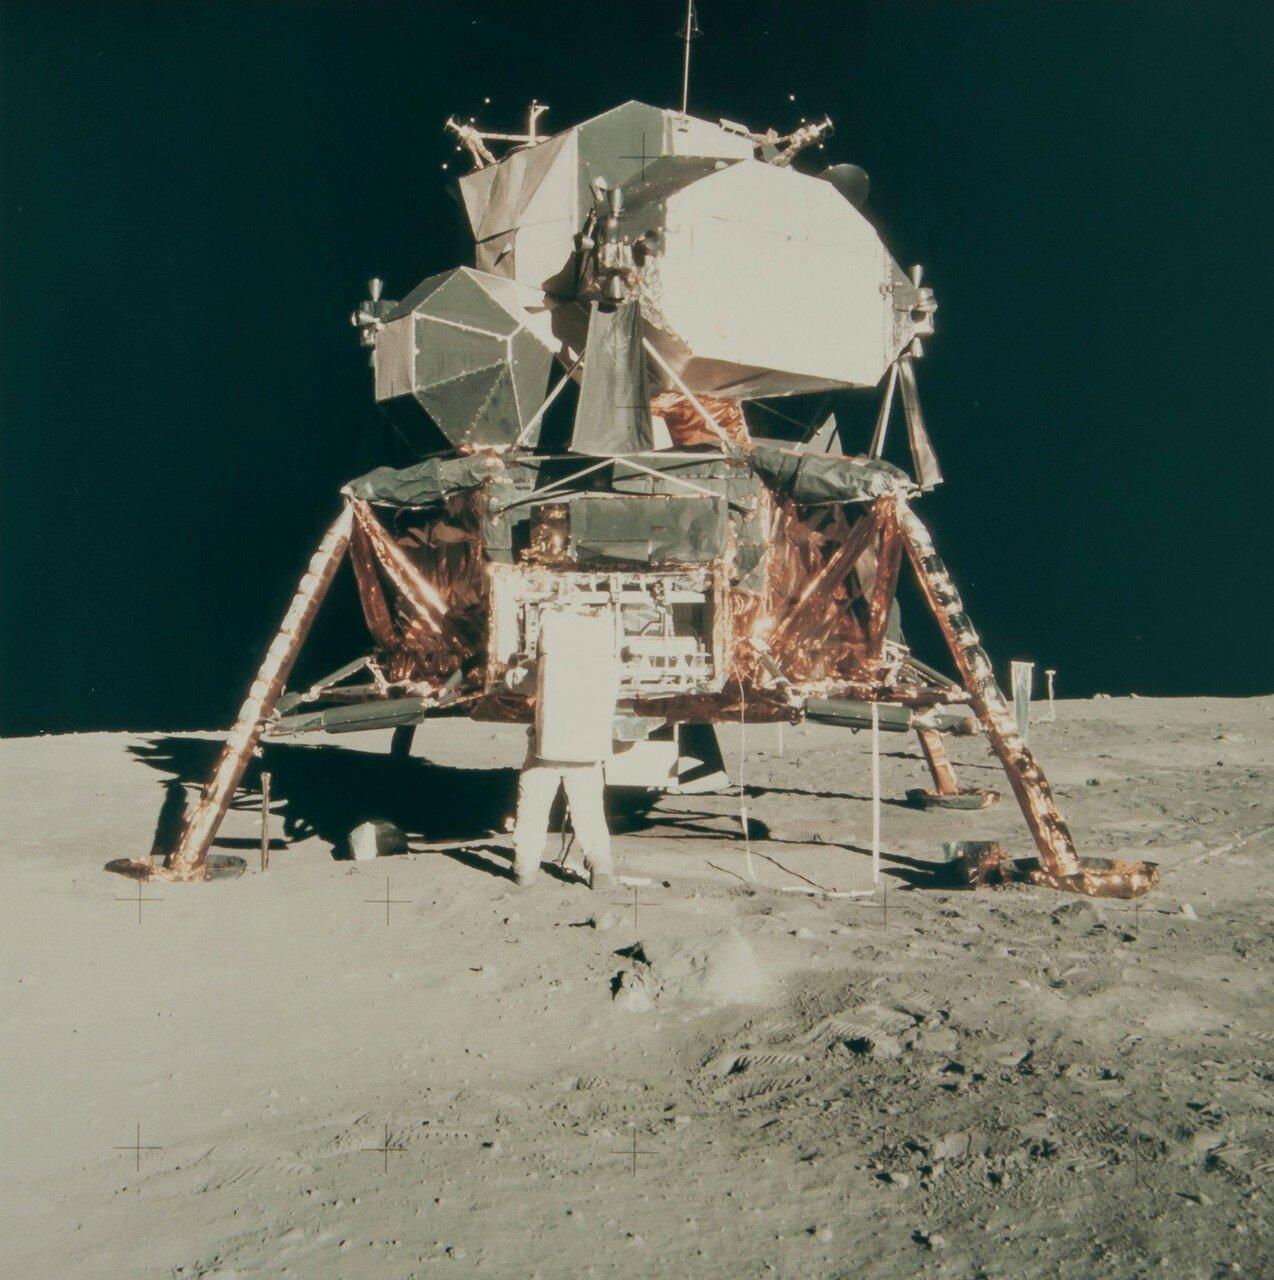 Пока Олдрин осваивался на поверхности, Армстронг поменял широкоугольный объектив телекамеры лунного модуля на объектив с более длинным фокусным расстоянием. На снимке: Базз Олдрин возле лунного модуля «Орел»